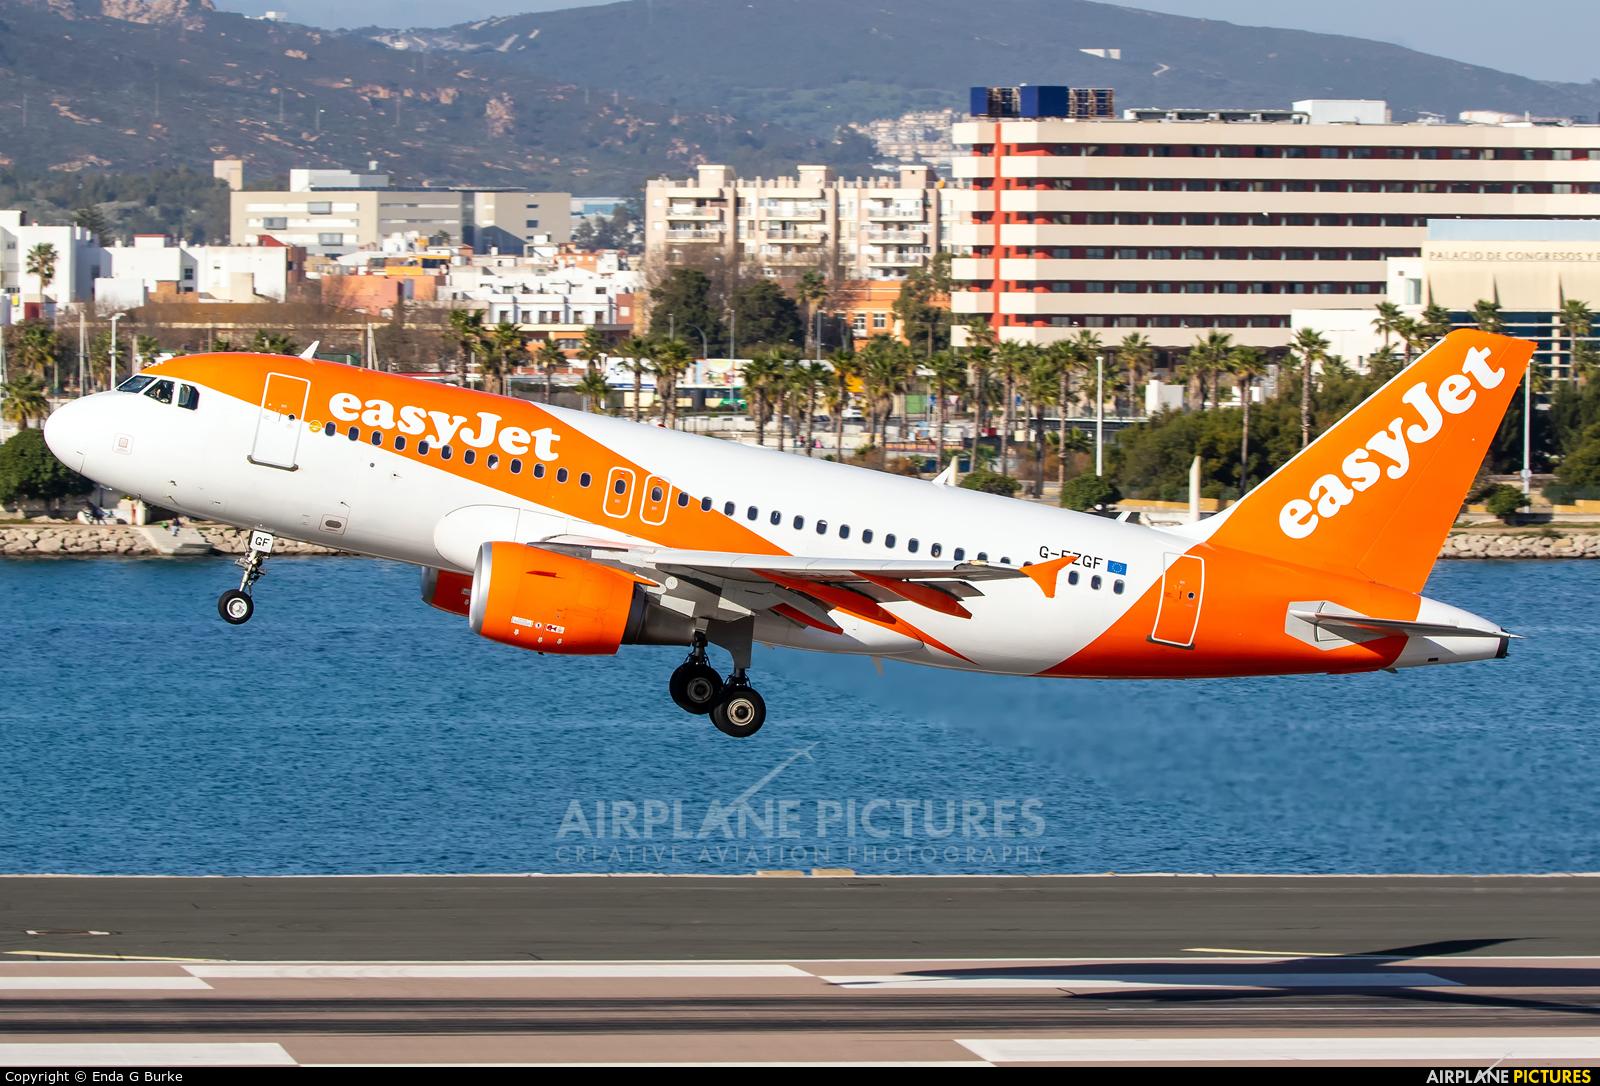 easyJet G-EZGF aircraft at Gibraltar